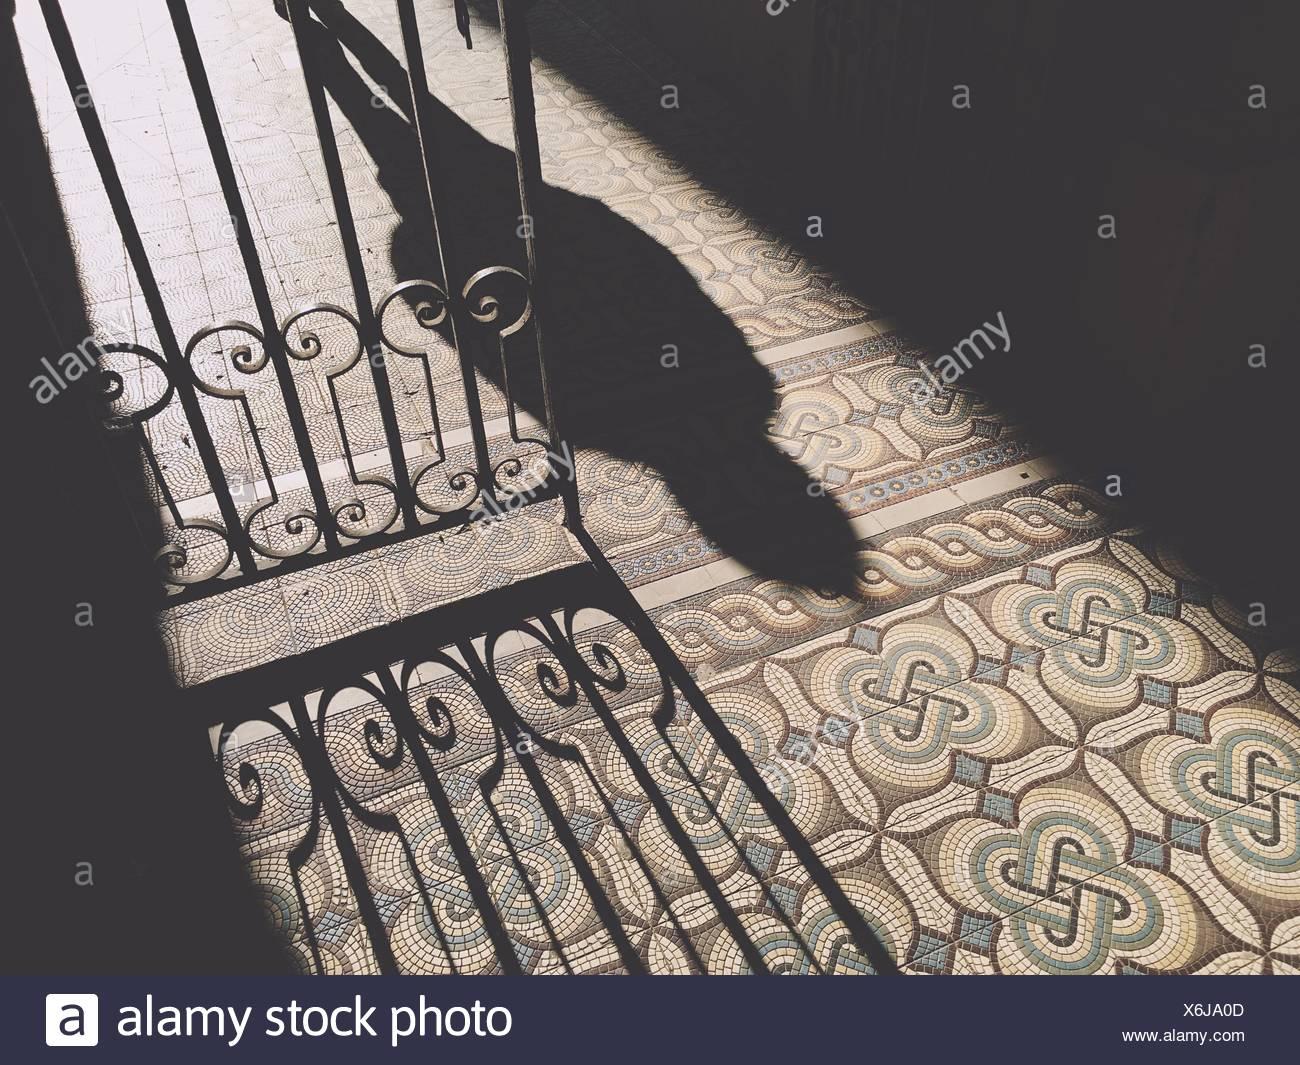 Ombra di persona sul pavimento Immagini Stock